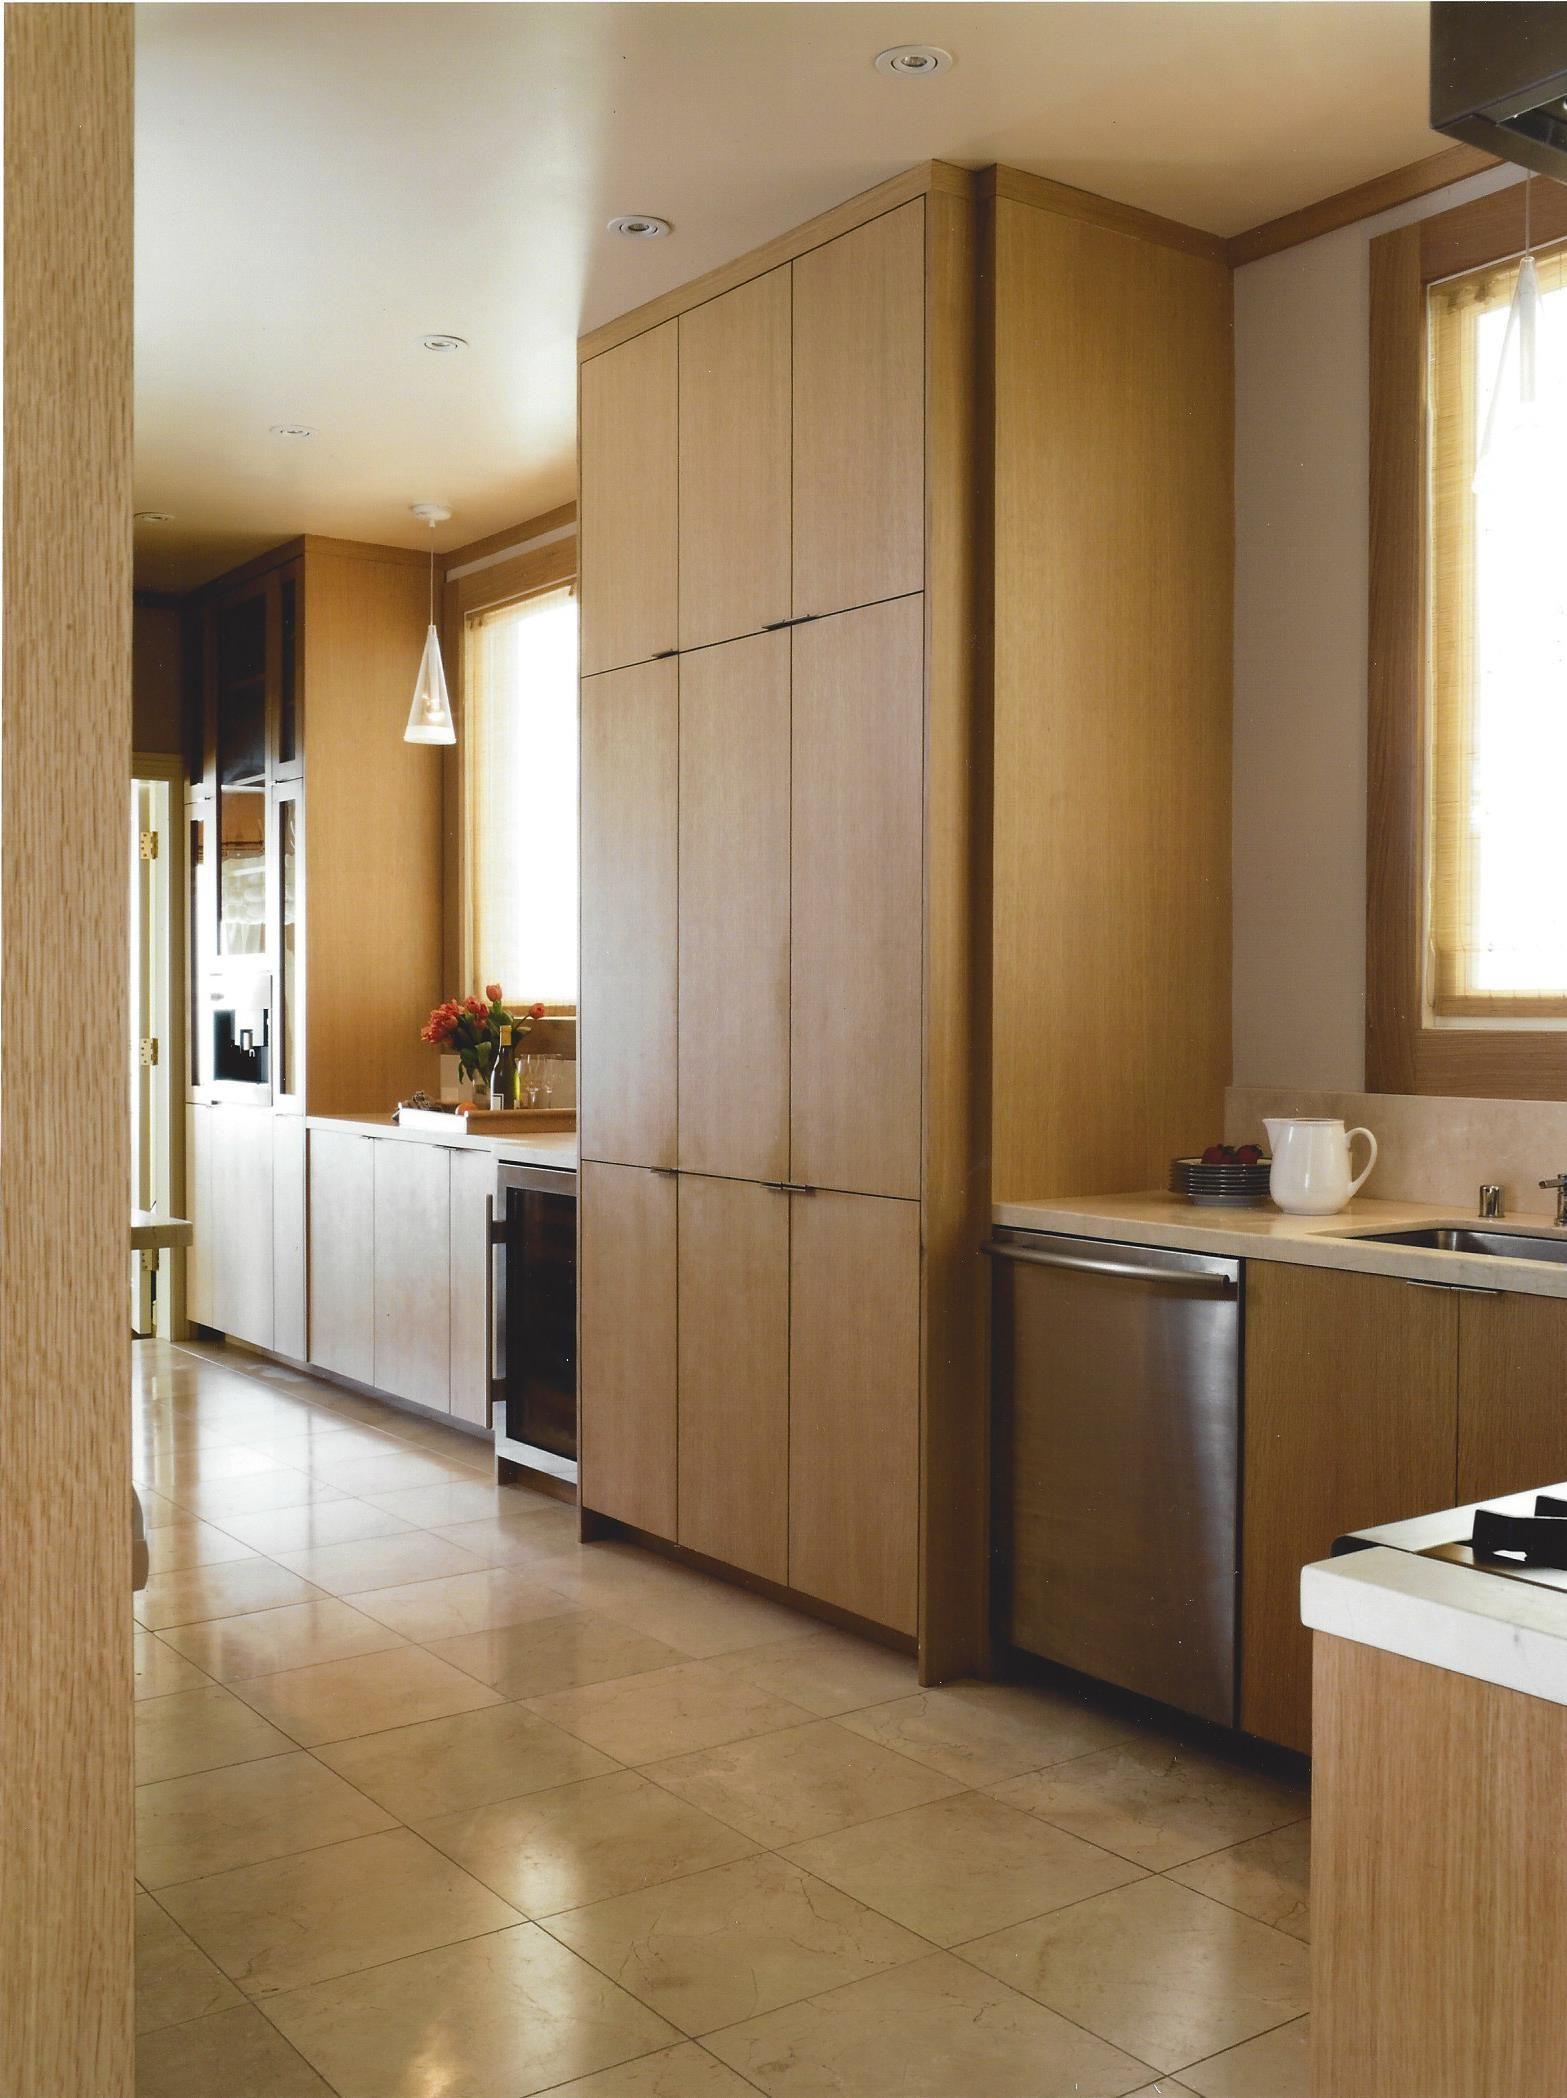 Contemporary Kitchen Interior Design: Modern Kitchen By Shelley Gordon Interior Design